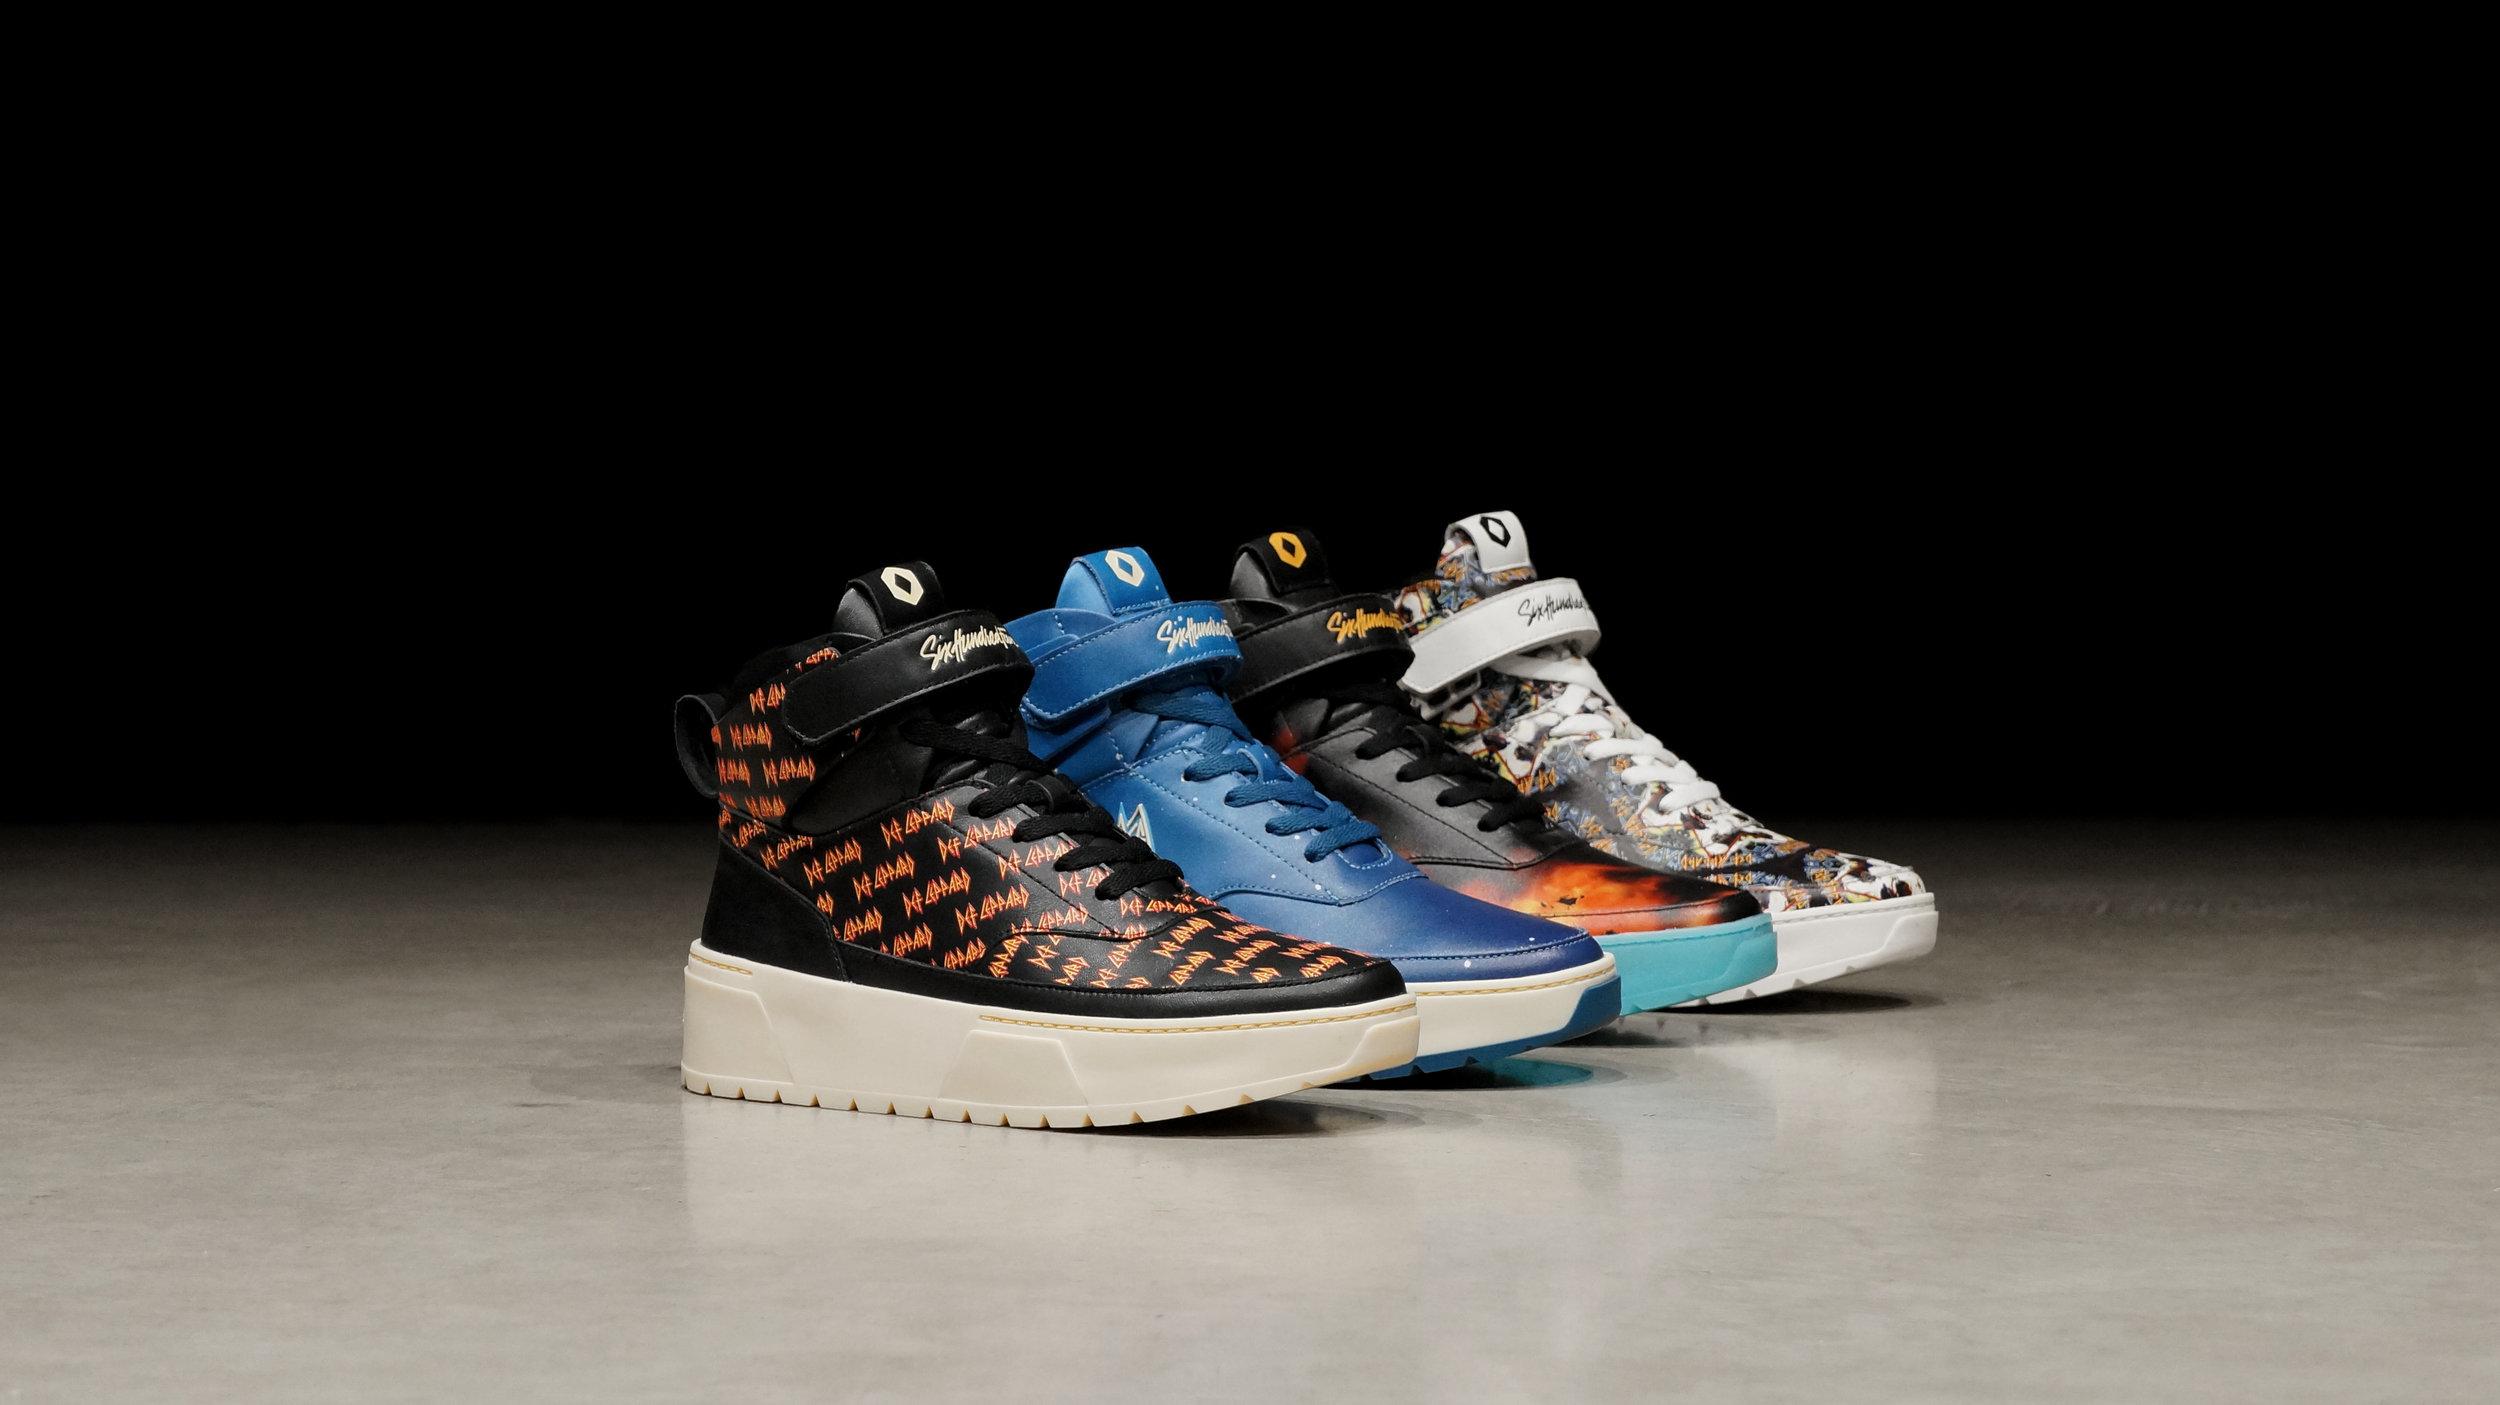 Def-Leppard-Six-Hundred-Four-All-Shoes-3D-DLPrint.jpg